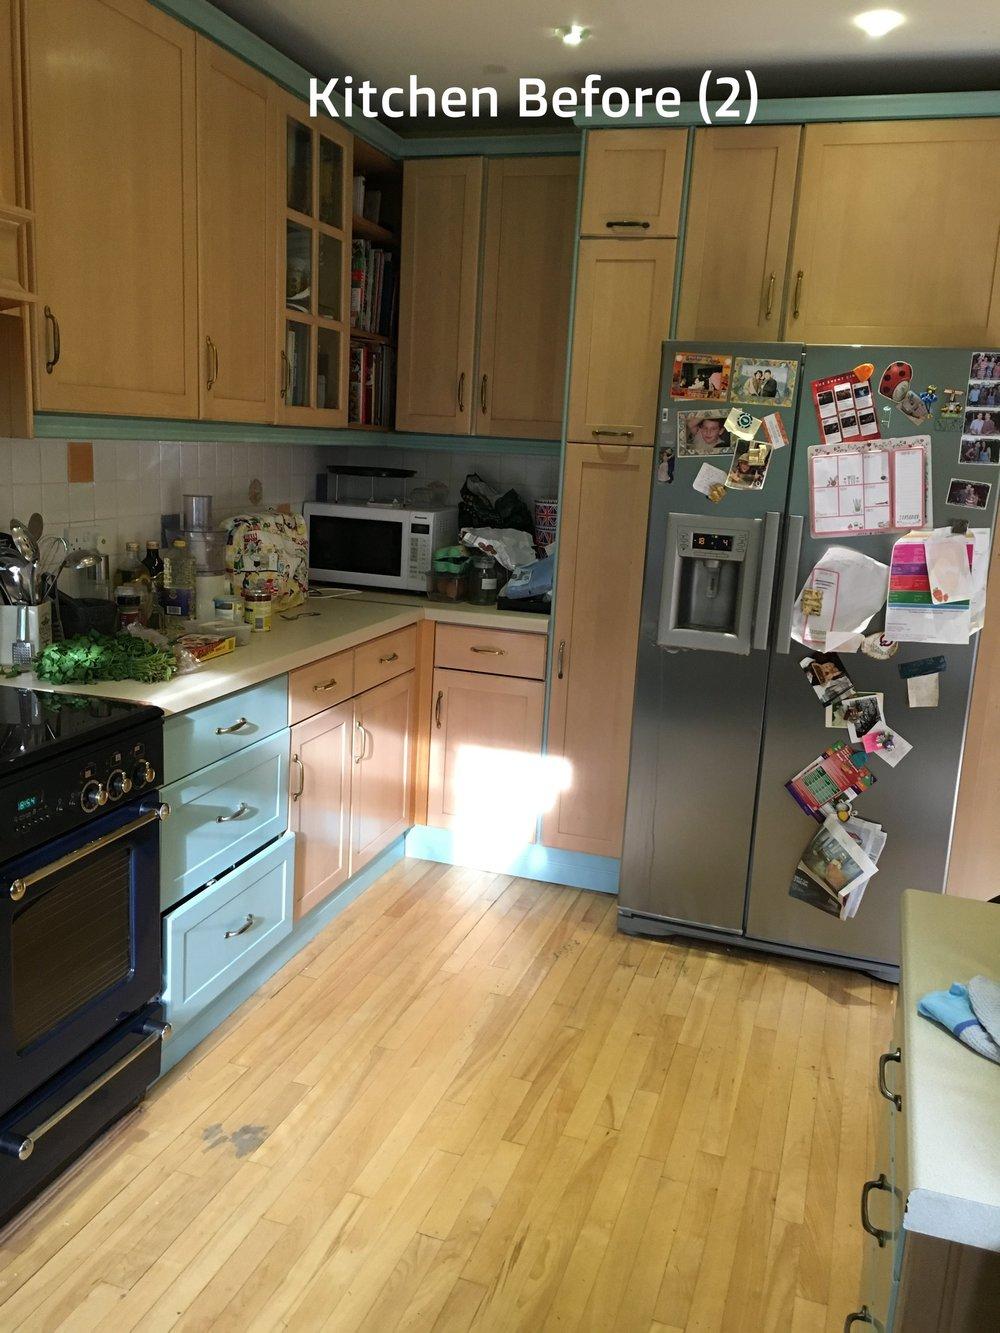 Kitchen Before (2).jpg